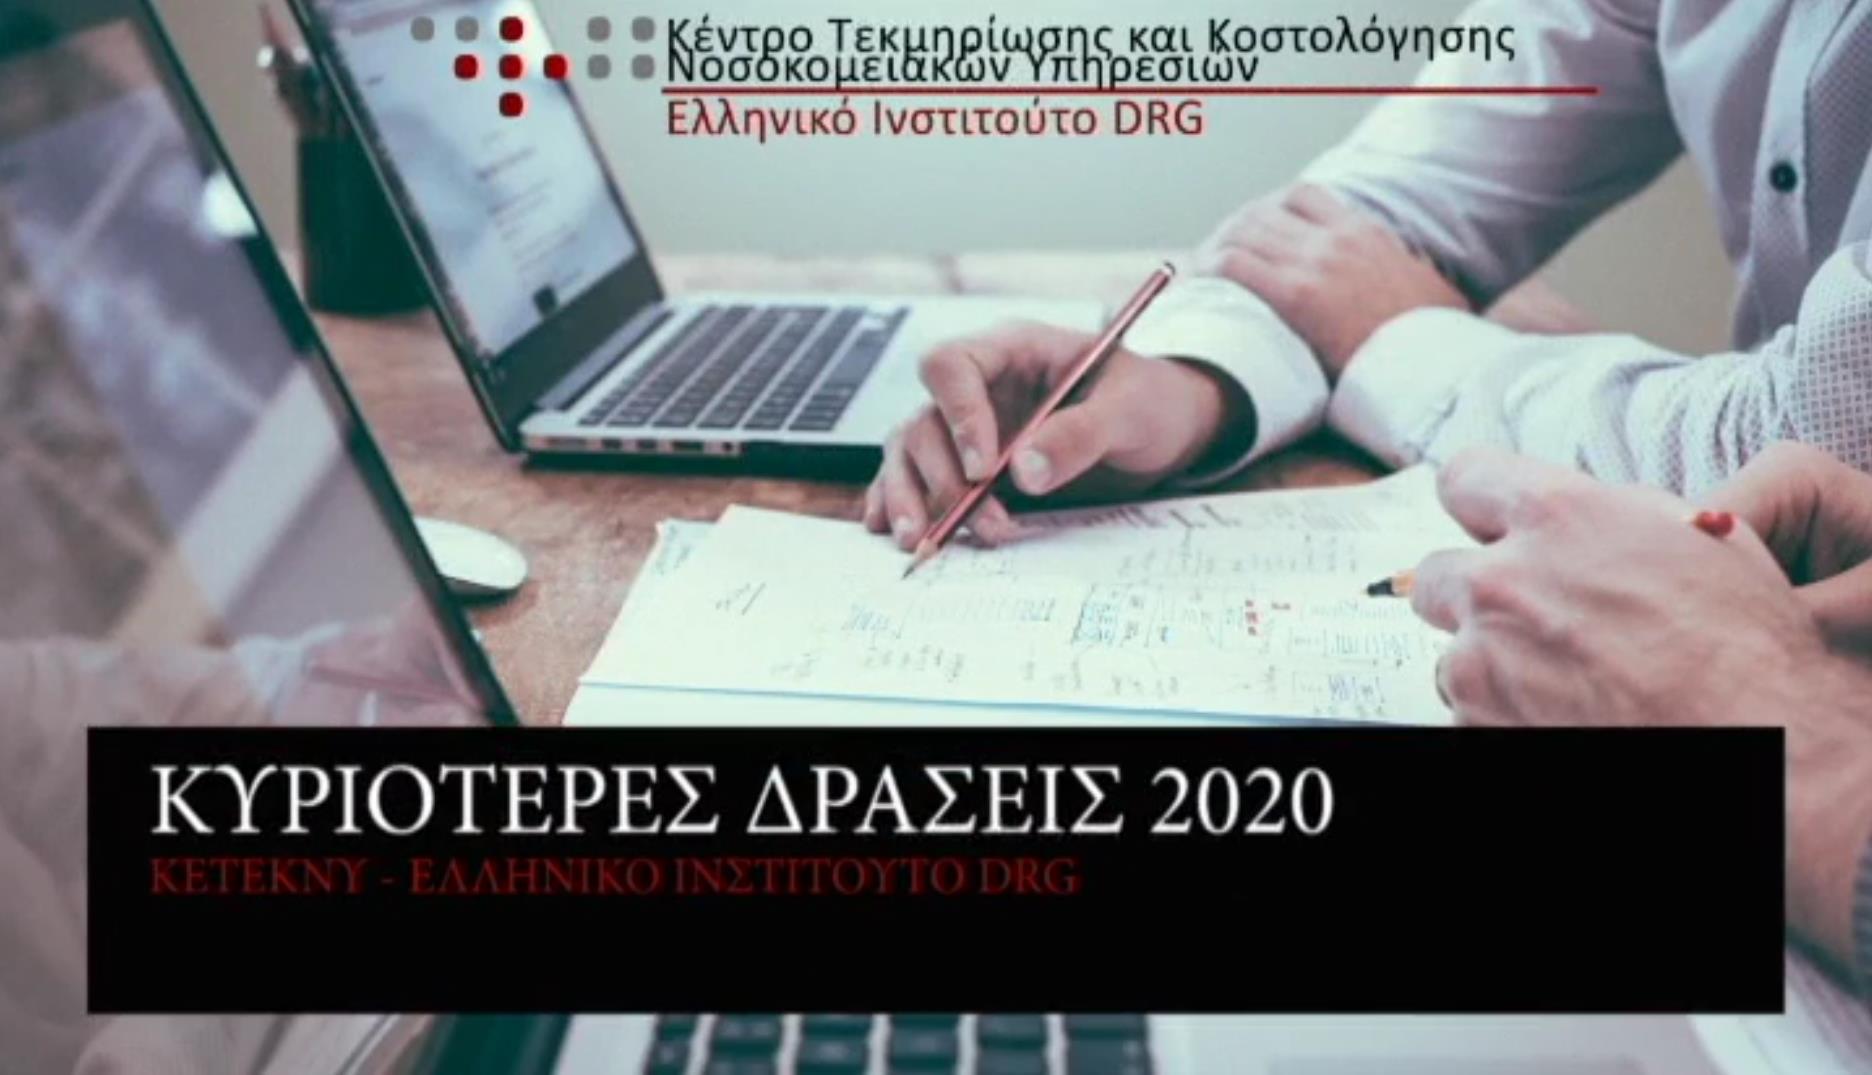 Κυριότερες Δράσεις 2020